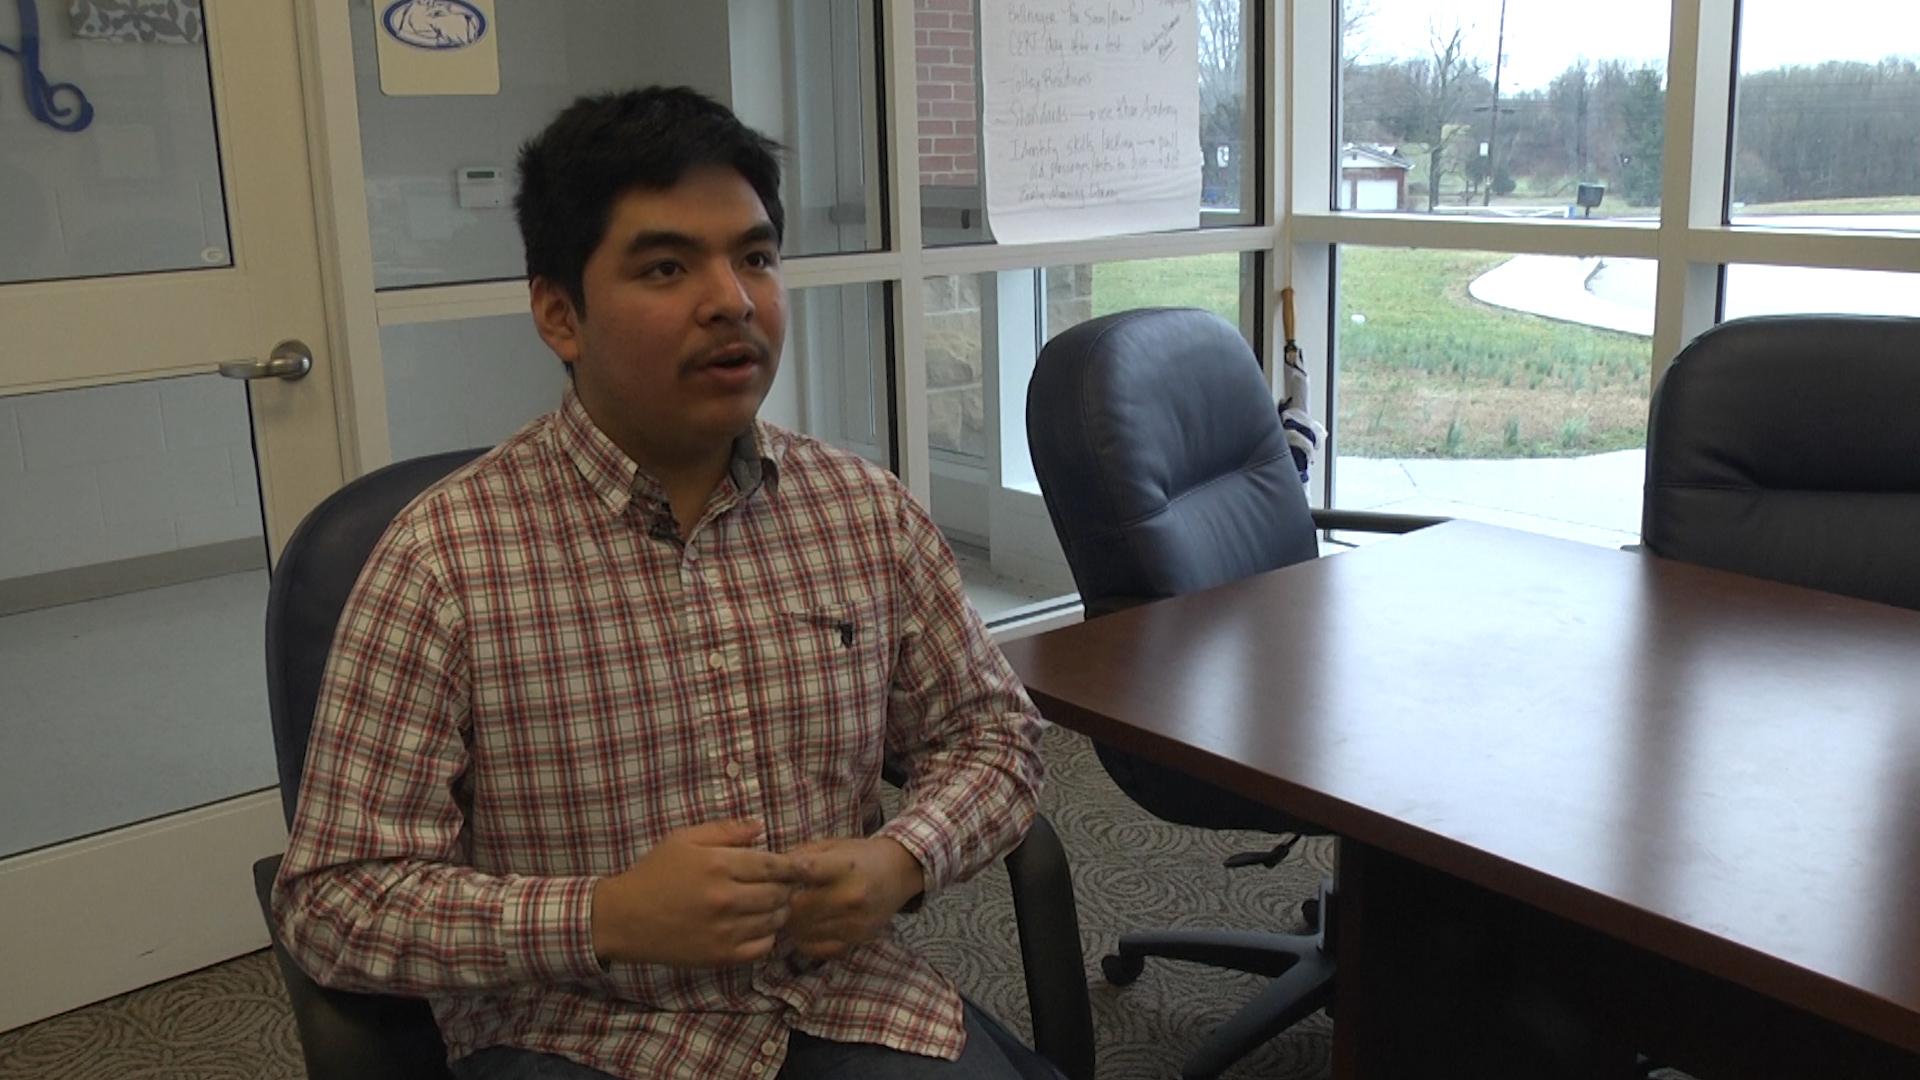 glasgow student recognized for dreamer speech